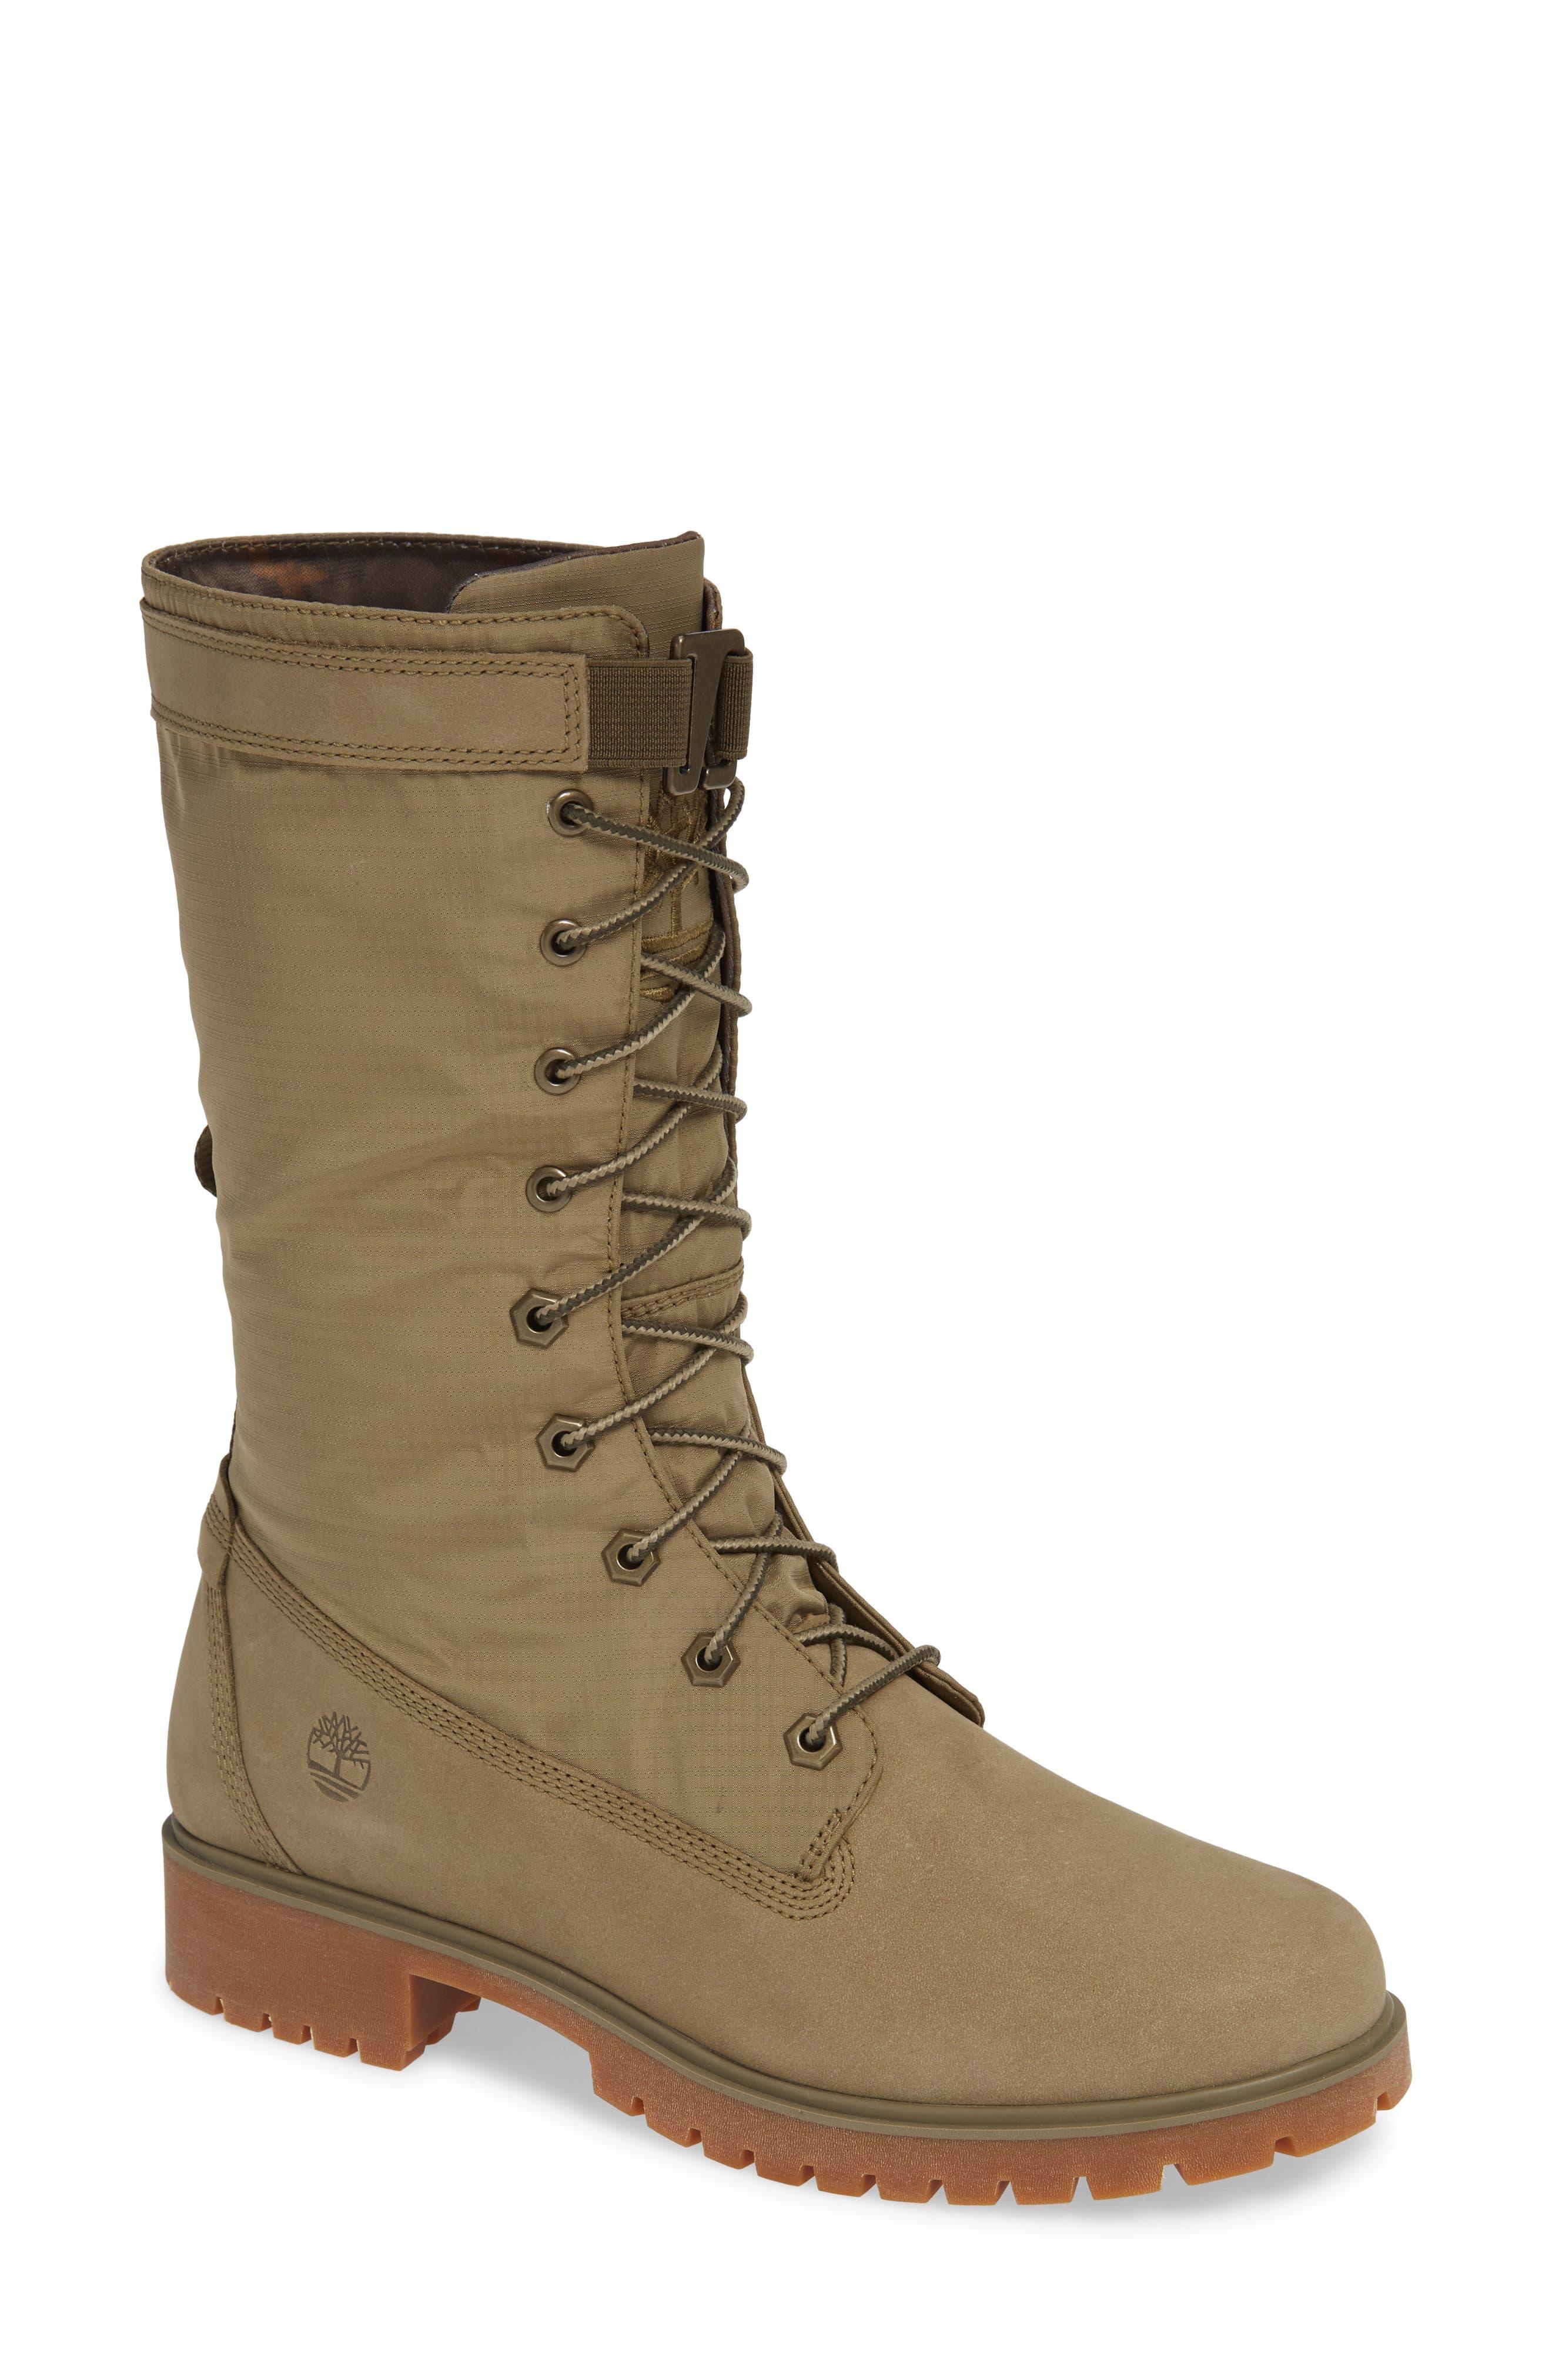 Timberland Jayne Waterproof Boot- Beige